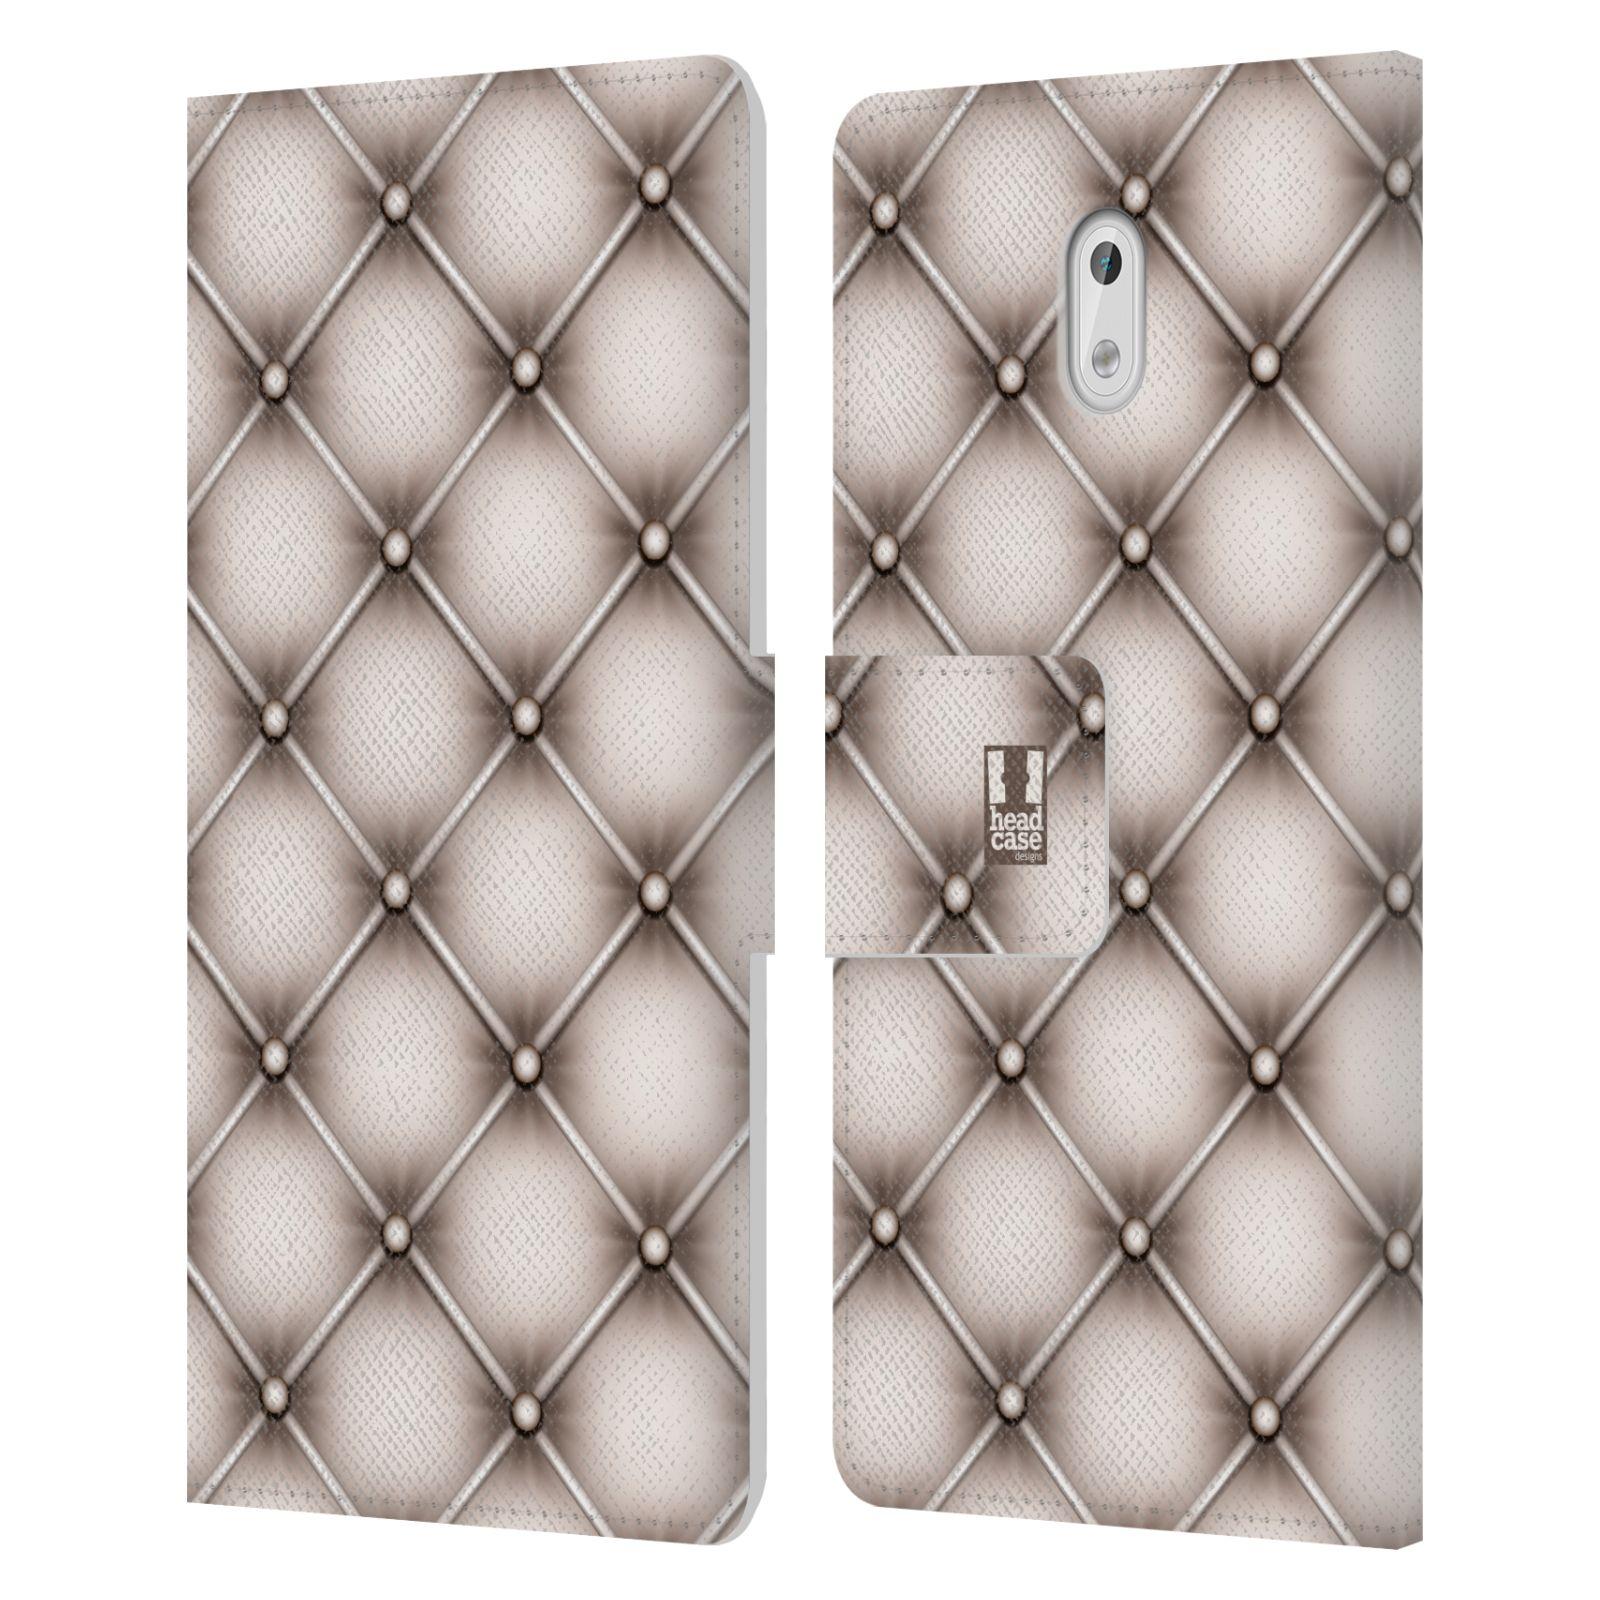 head case designs kissen brieftasche handyh lle aus leder f r nokia 3 ebay. Black Bedroom Furniture Sets. Home Design Ideas